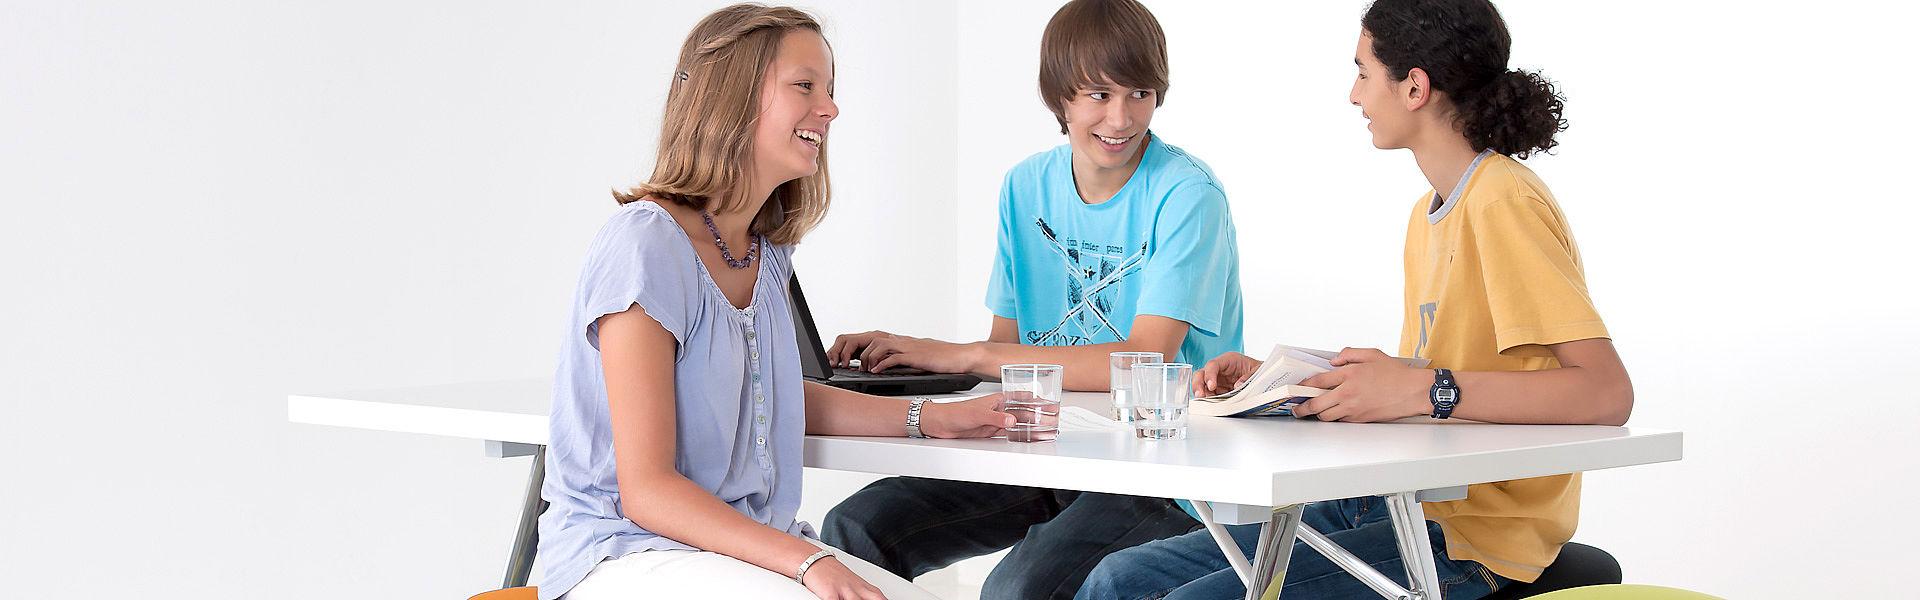 Беседа за столом